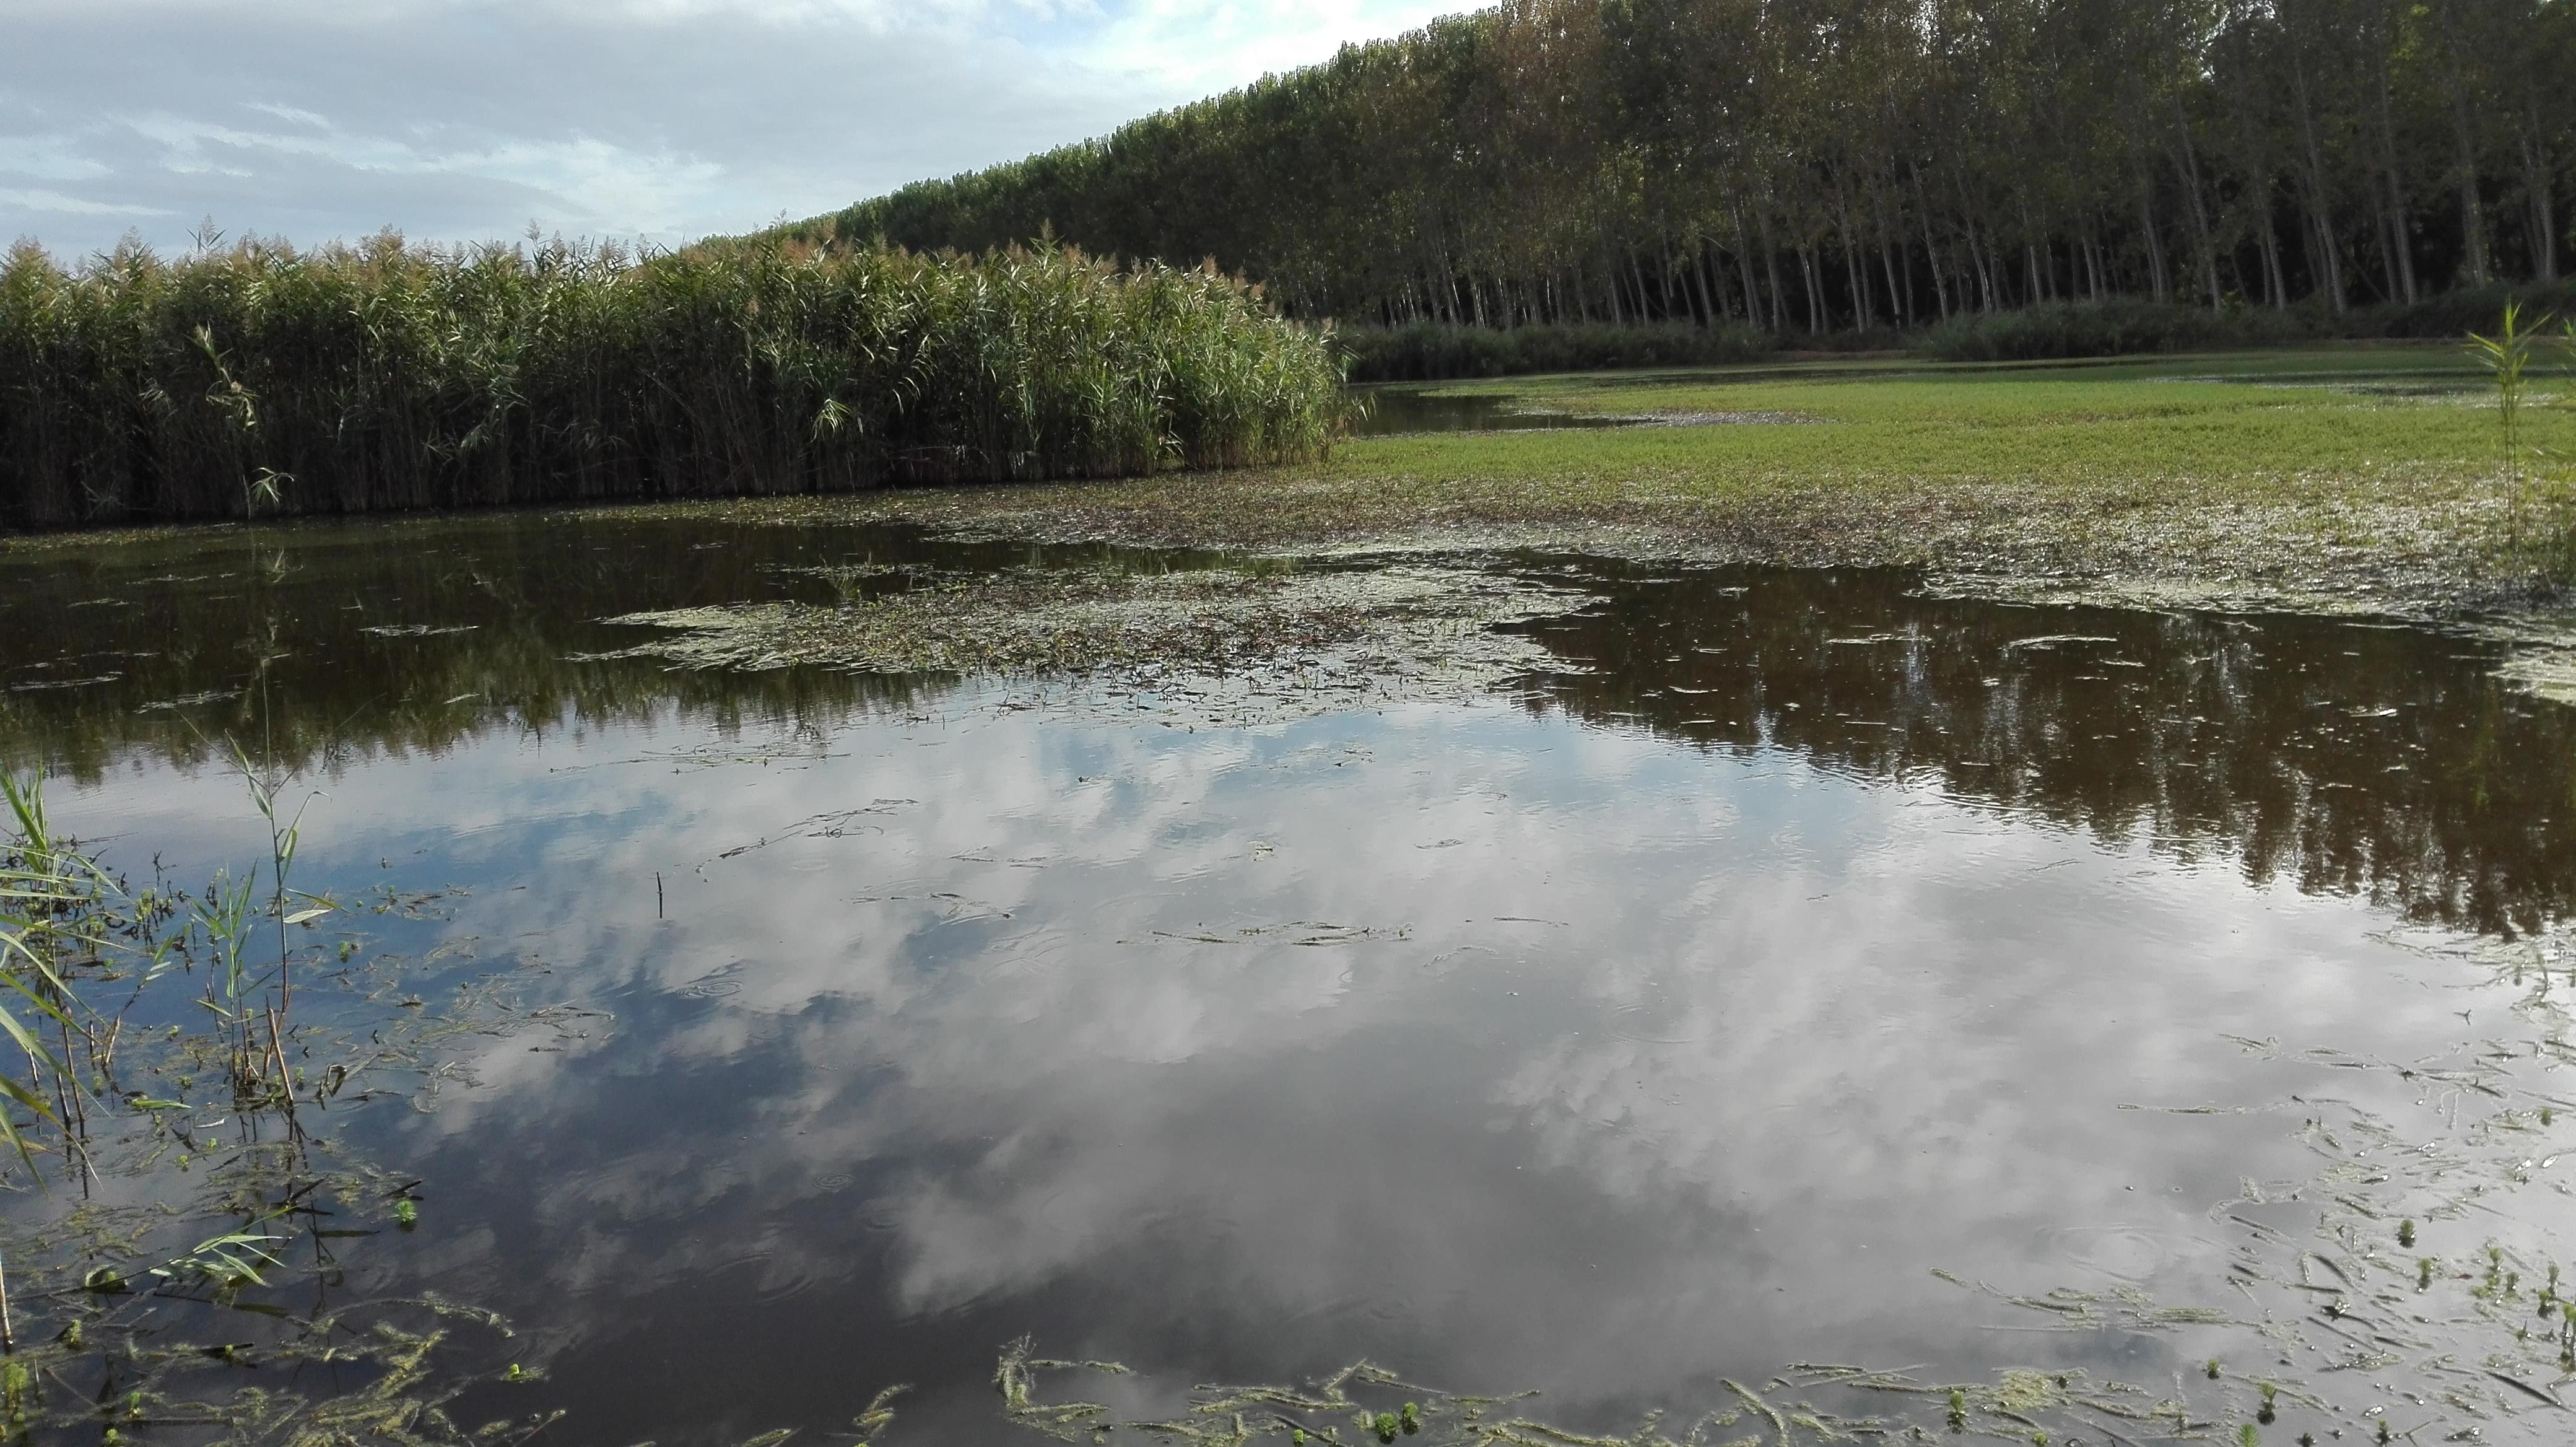 L'area dell'impianto di fitodepurazione di San Niccolò a Vecchiano 15.09.2016